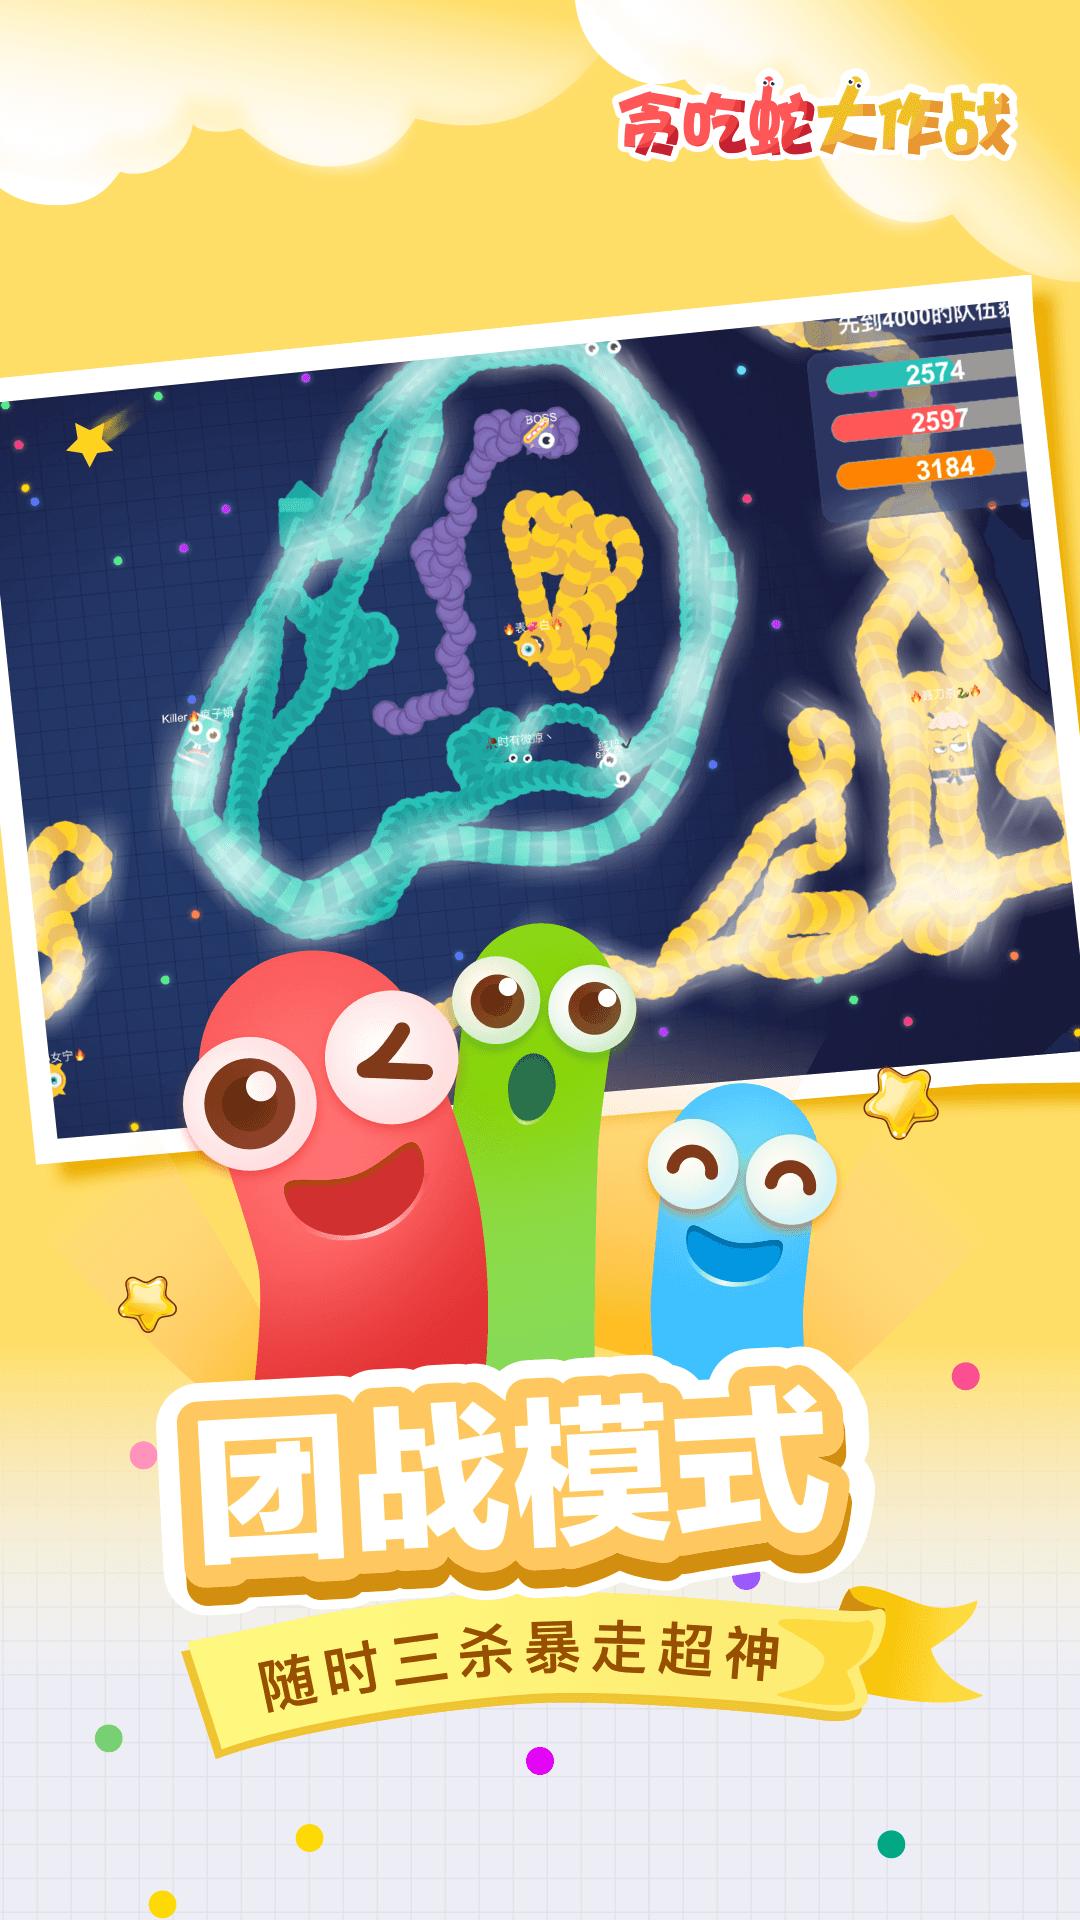 贪吃蛇大作战®